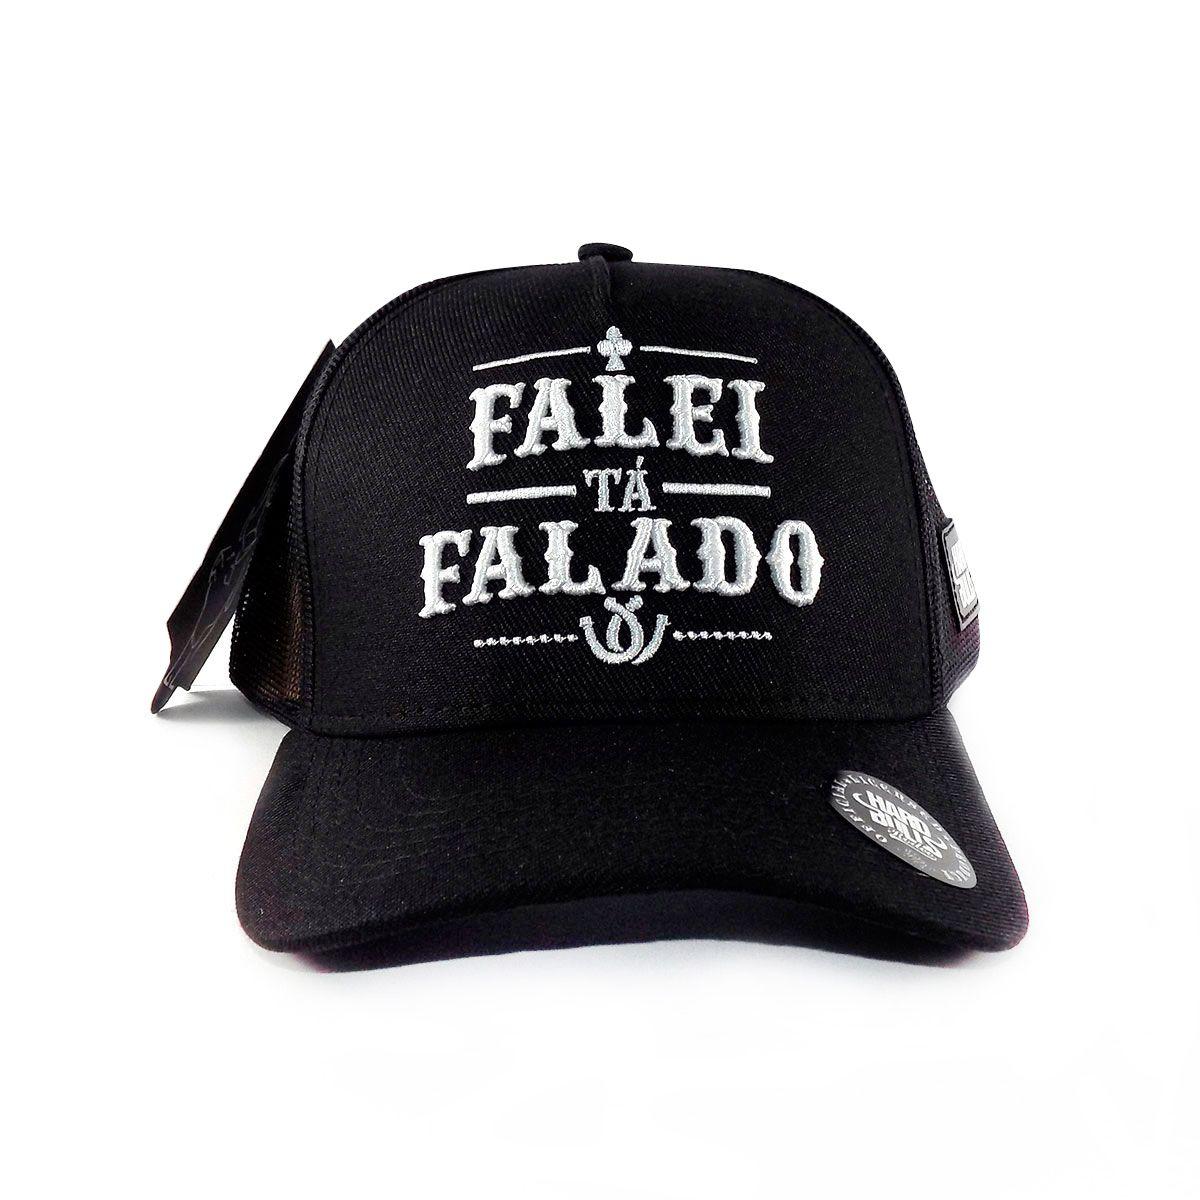 Boné Country Falei ta Falado - Preto